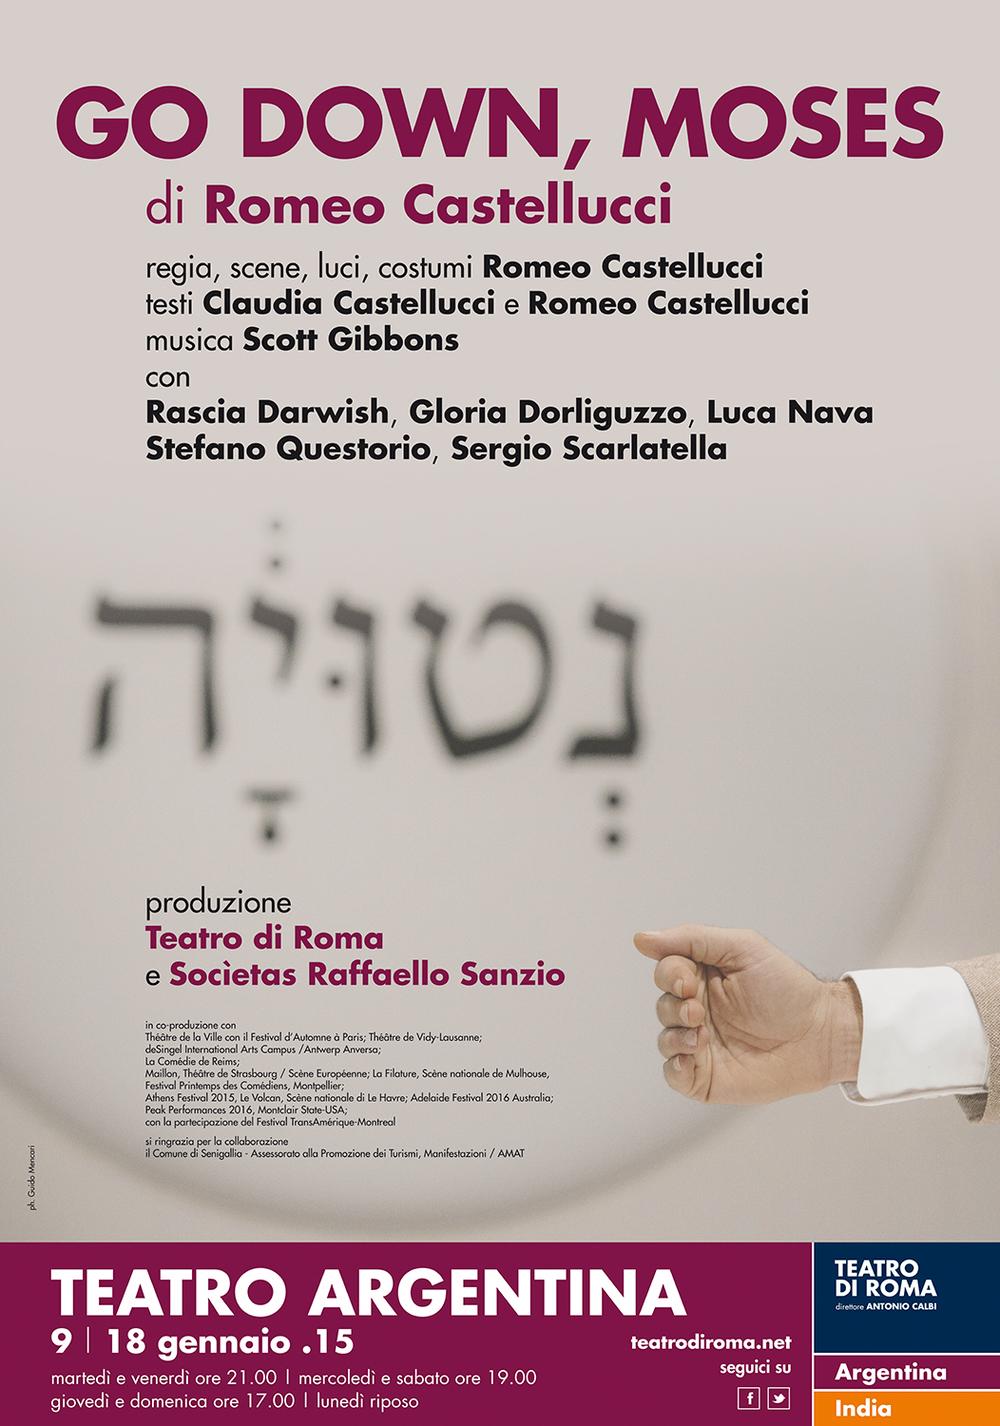 Romeo Castellucci | Go Down, Moses   Socìetas Raffaello Sanzio, directed by Romeo Castellucci   Poster   Teatro di Roma, 2014